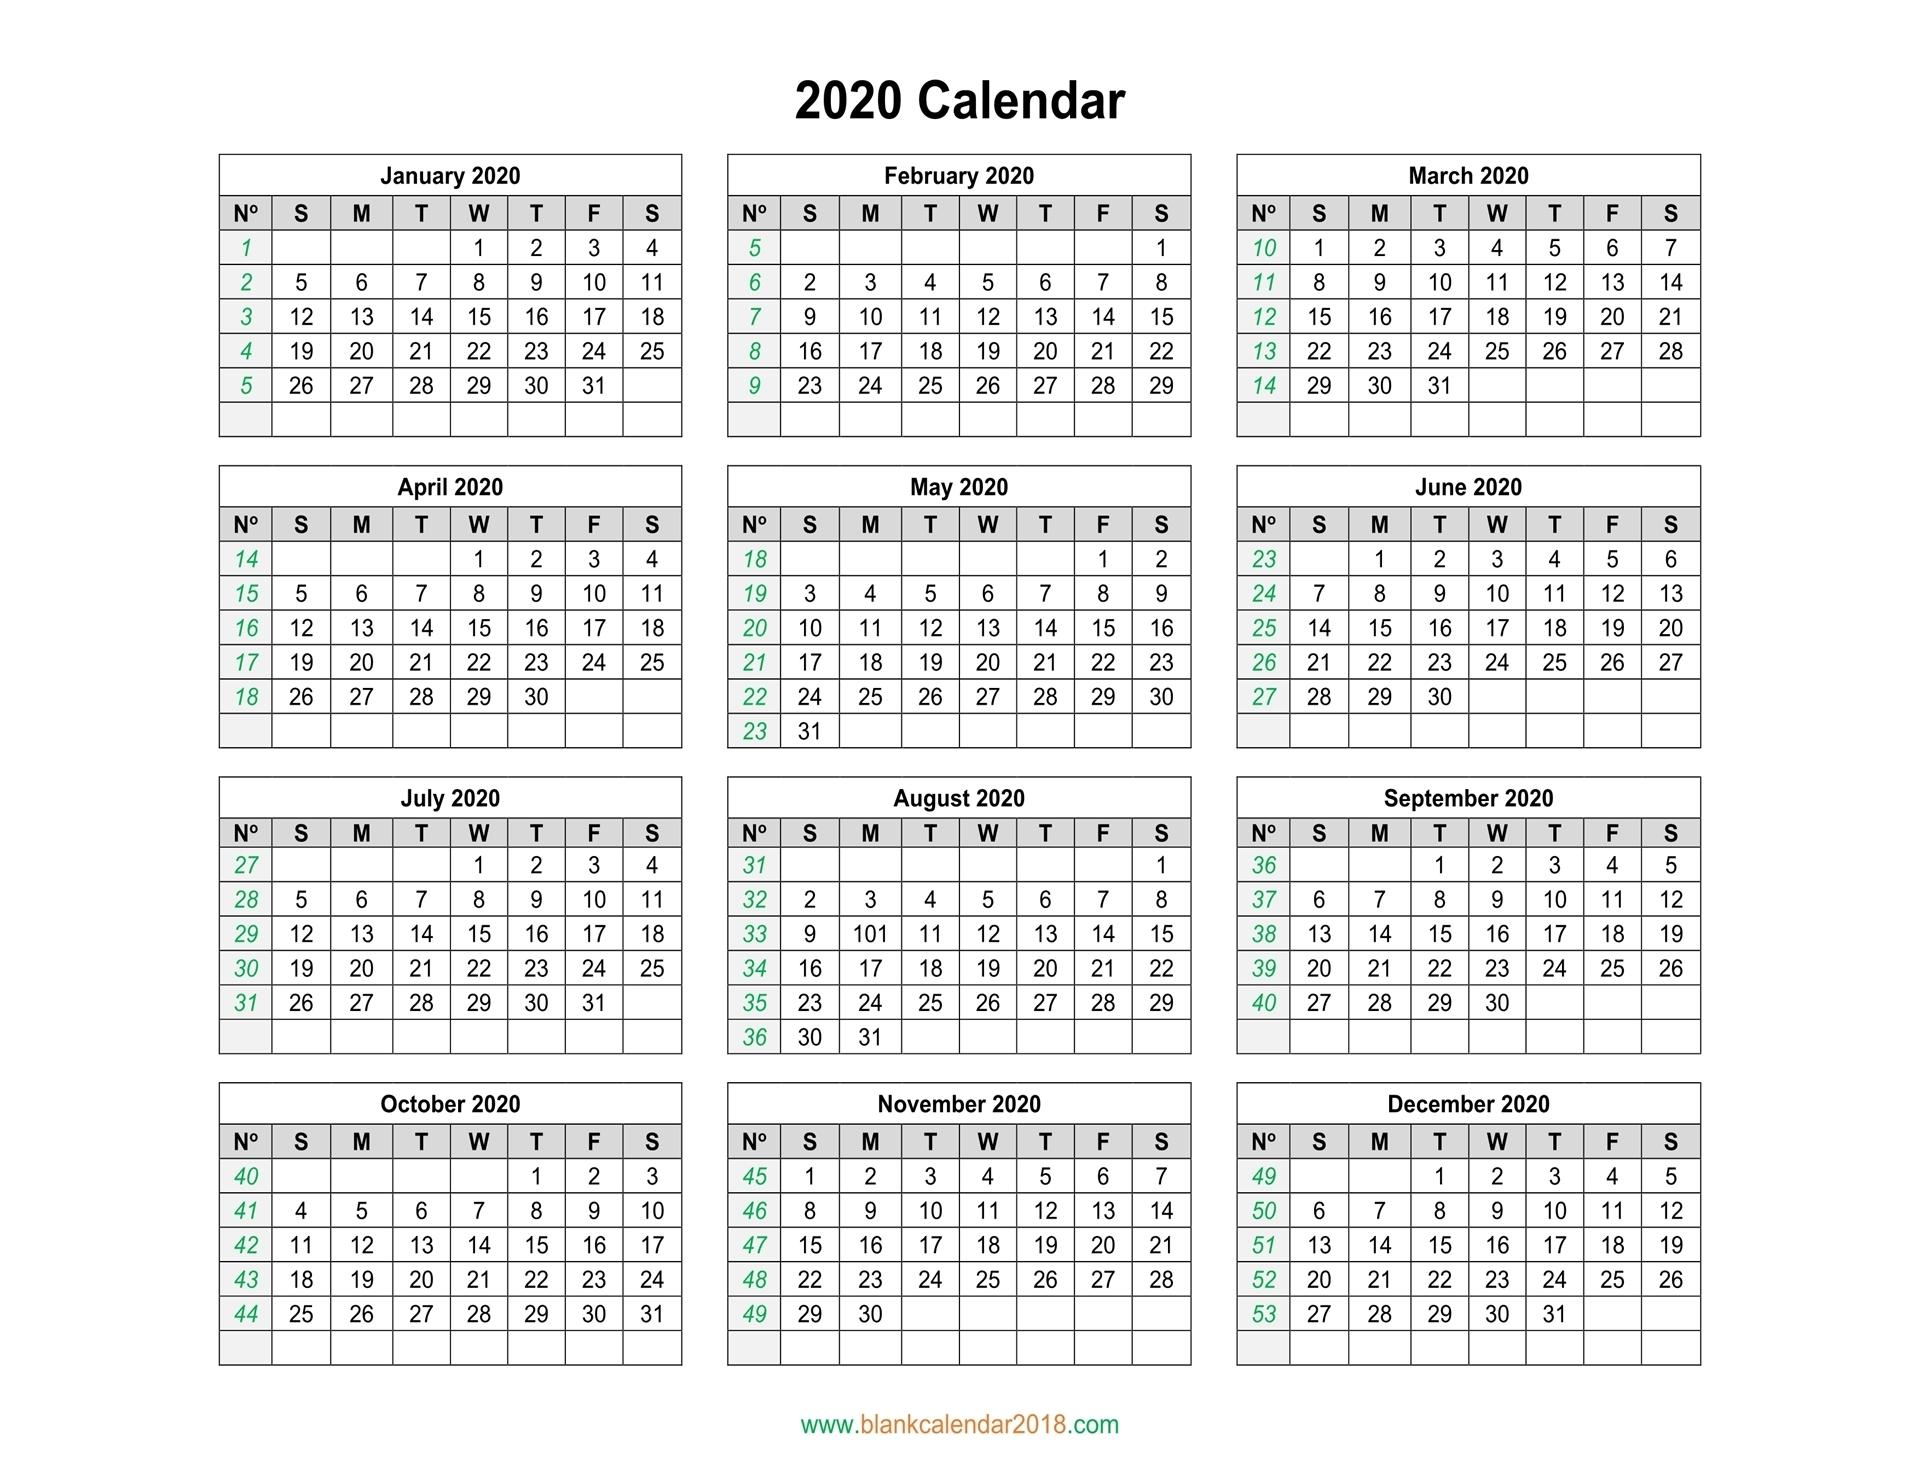 Blank Calendar 2020 regarding Blank Fill In Calendar 2020